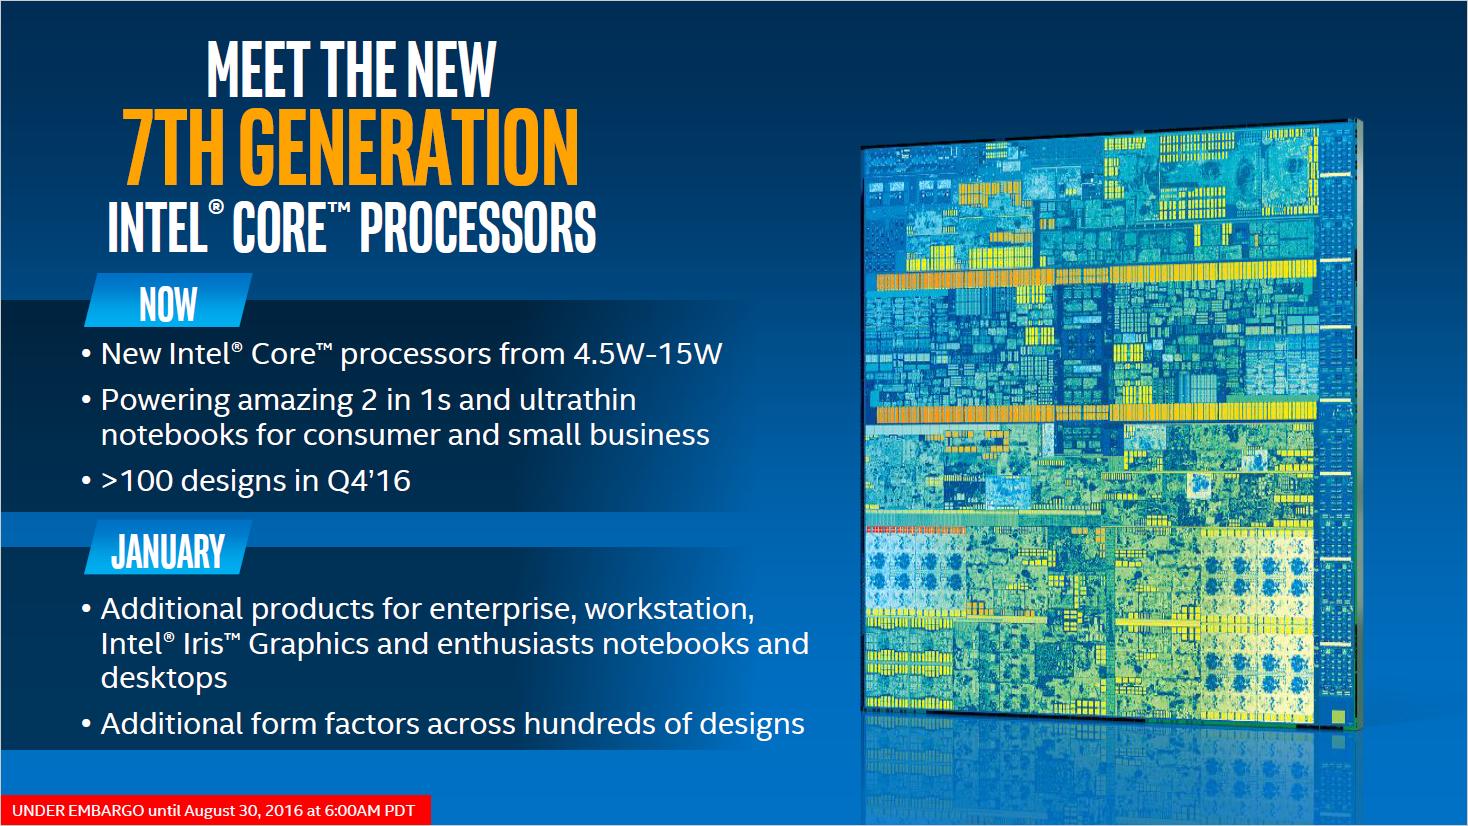 Kaby Lake: Intel stellt neue Chips für Mini-PCs und Ultrabooks vor -